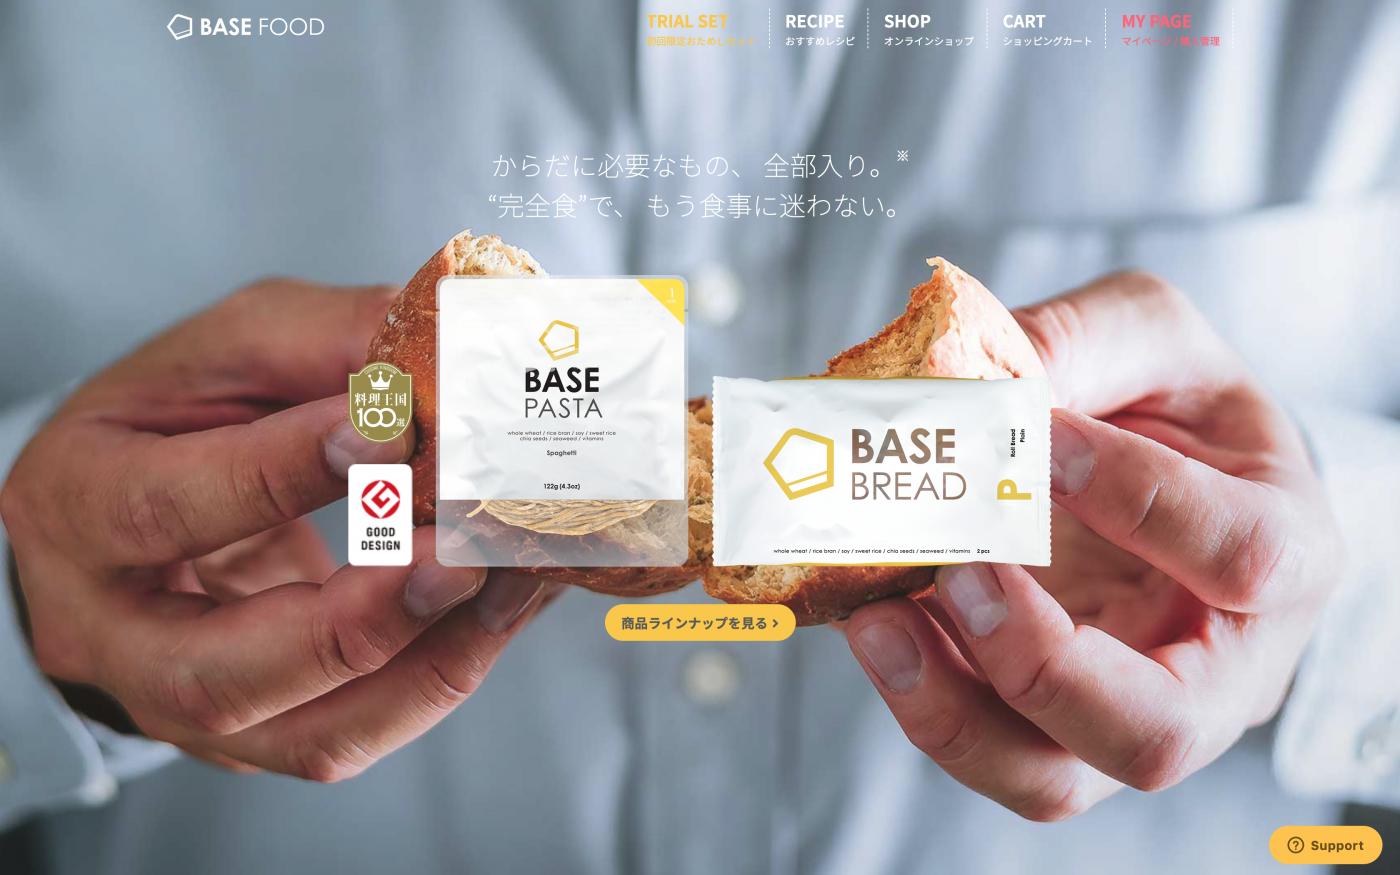 DeNA出身の橋本舜氏が2016年4月に創業したスタートアップで、完全栄養食品「BASE PASTA」「BASE BREAD」を提供する。